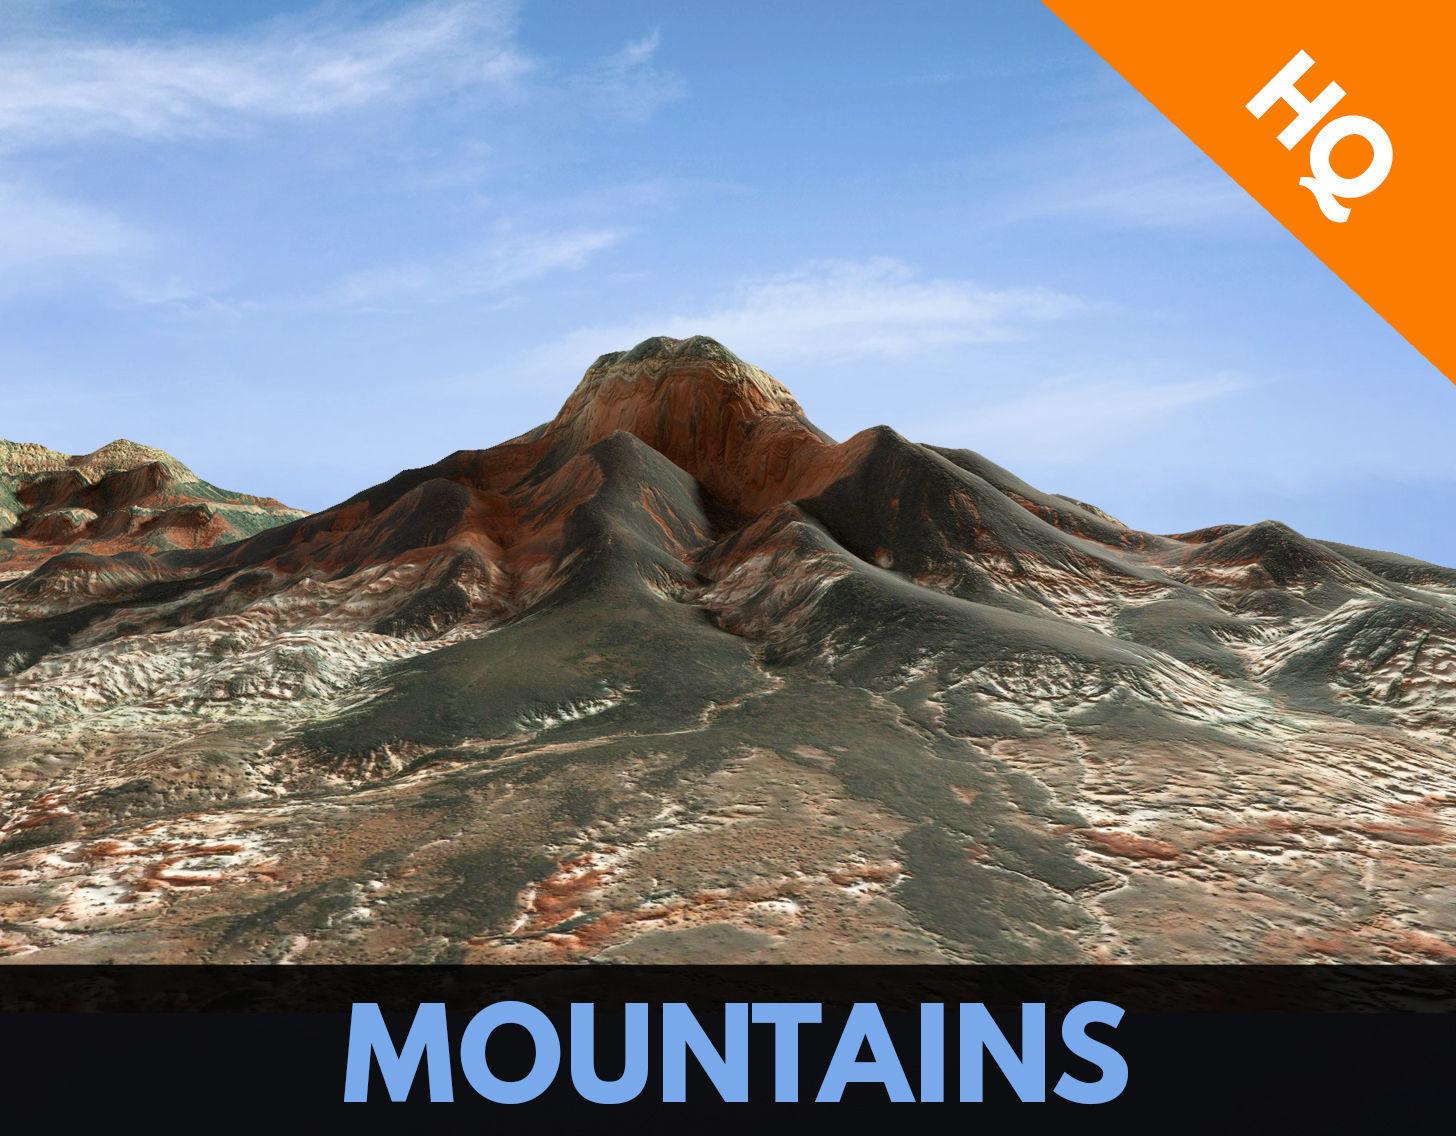 Mountains Surface Terrain Landscape Environment PBR 14